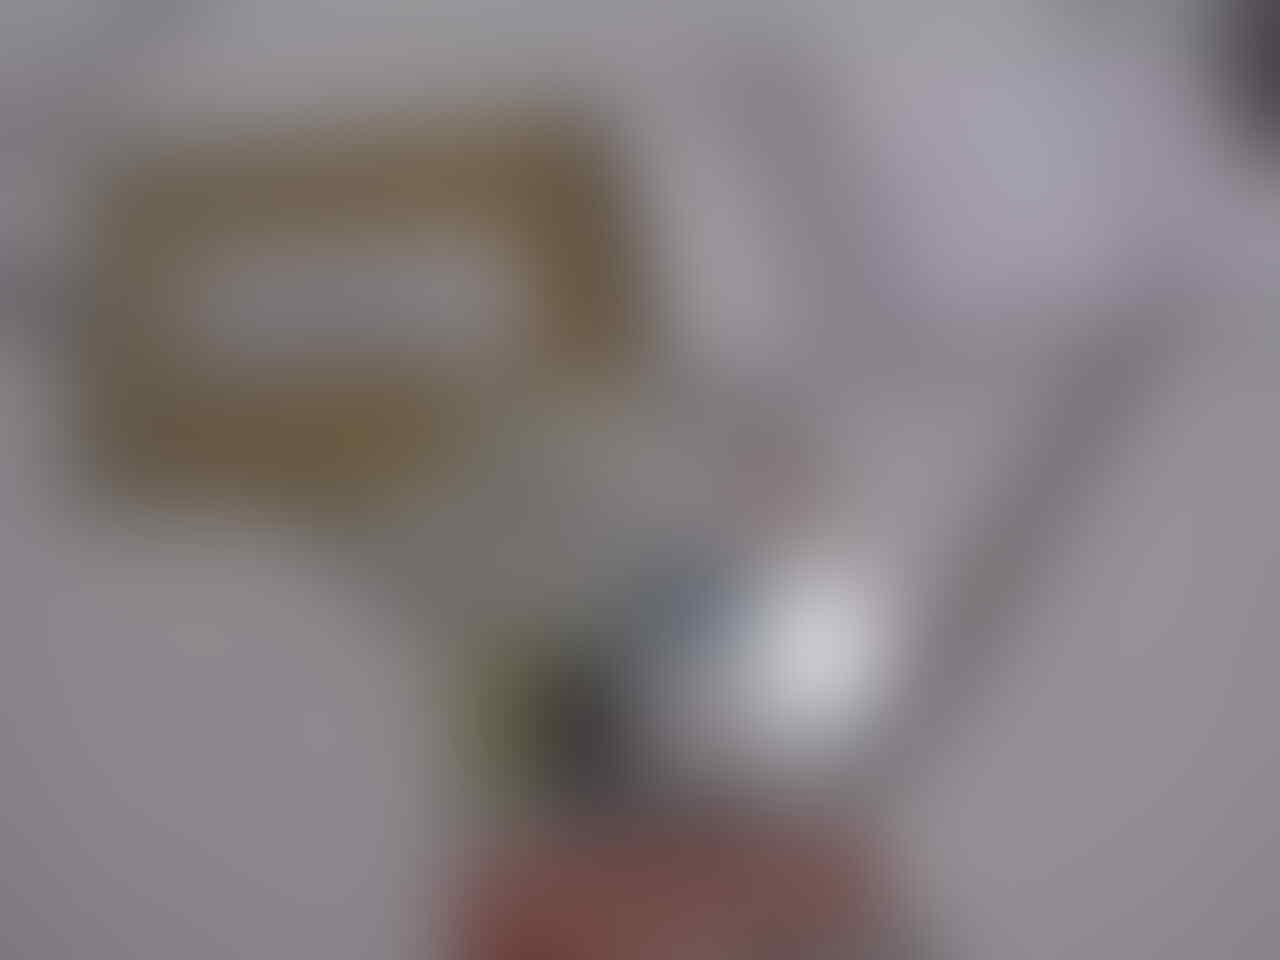 JATISHOP | Baterai/Battery Sierra 753s/754s (1202266) | Melayani Sepenuh Hati (*‿◠)